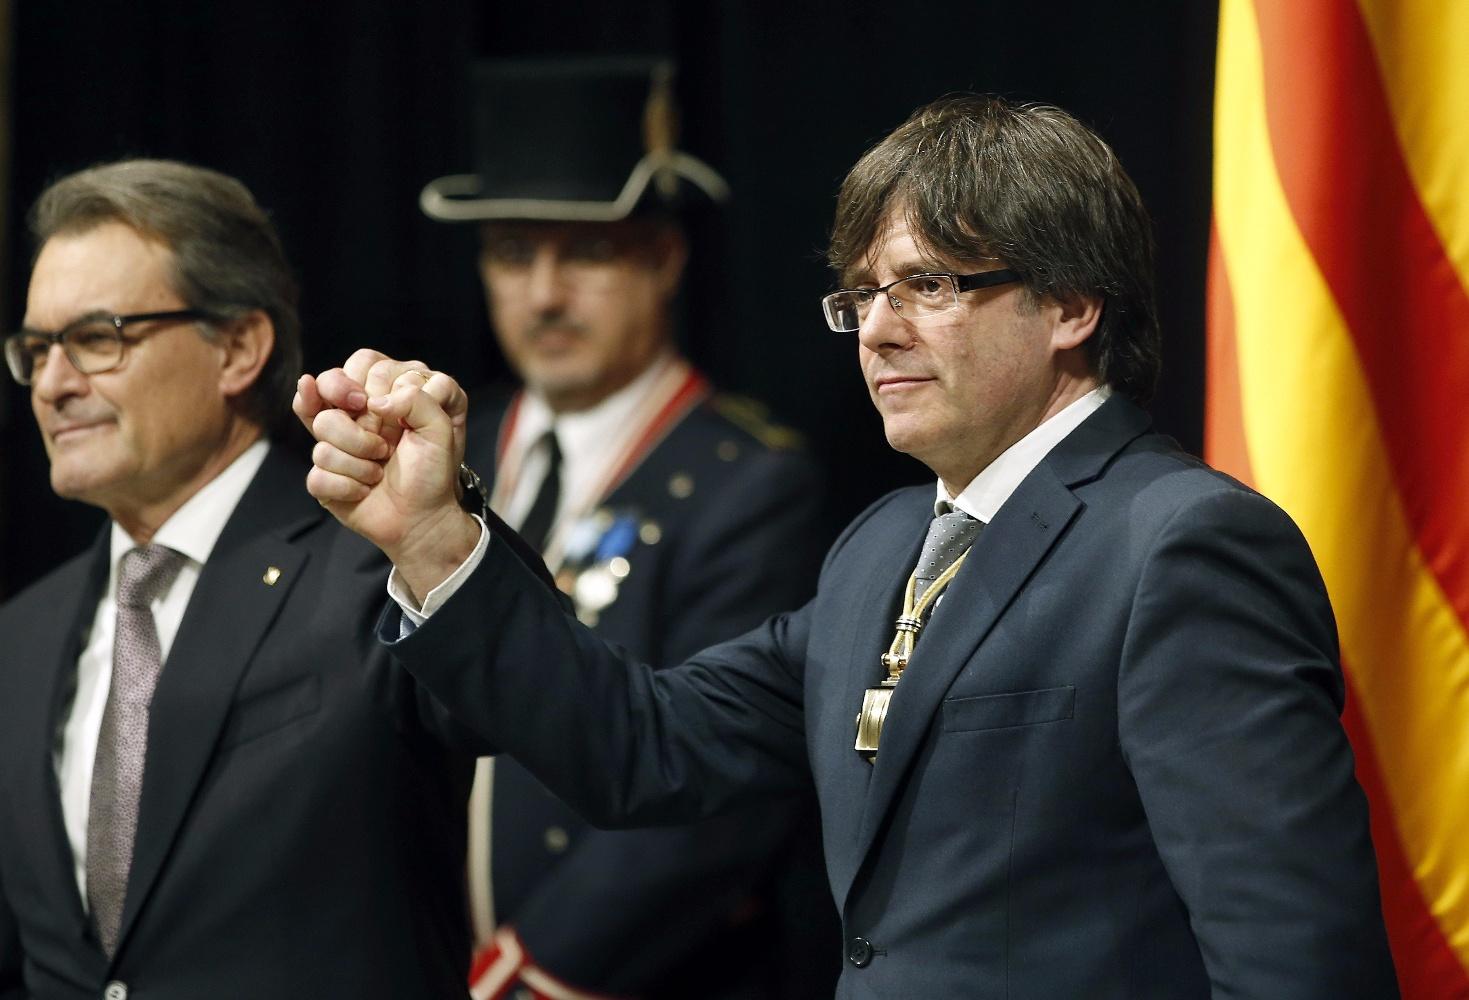 """García: """"No estamos ante ningún proceso pacifico ni democrático ni mayoritario"""" en Cataluña"""